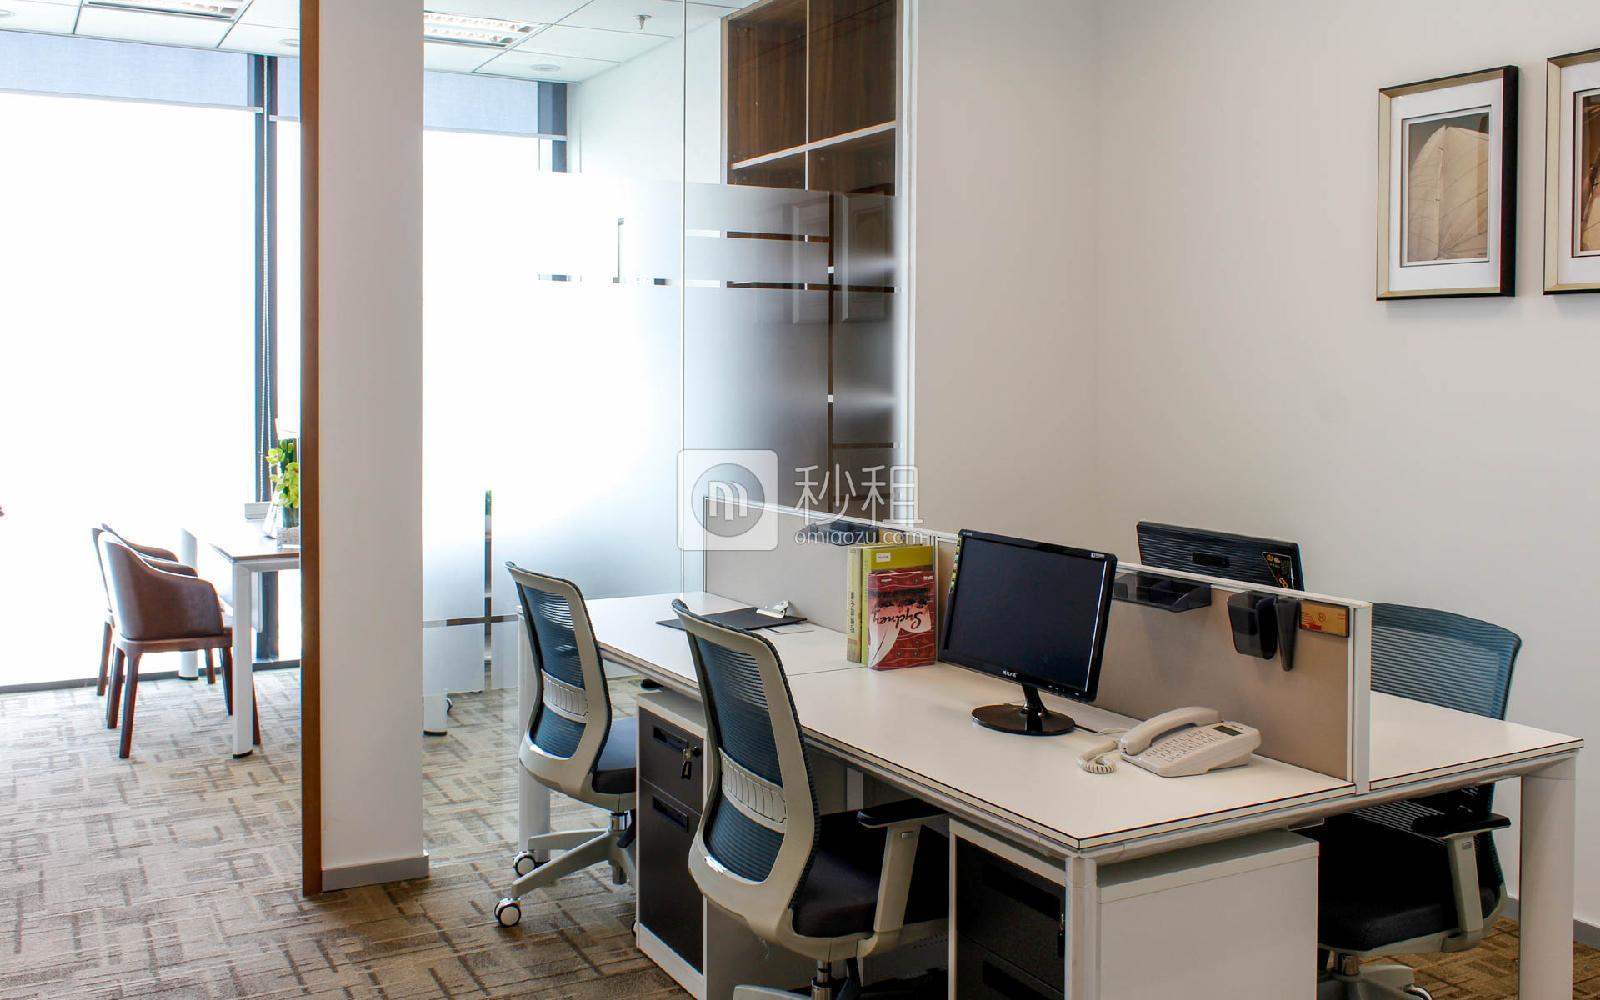 中国储能大厦-筑梦空间写字楼出租65平米精装办公室24800元/间.月